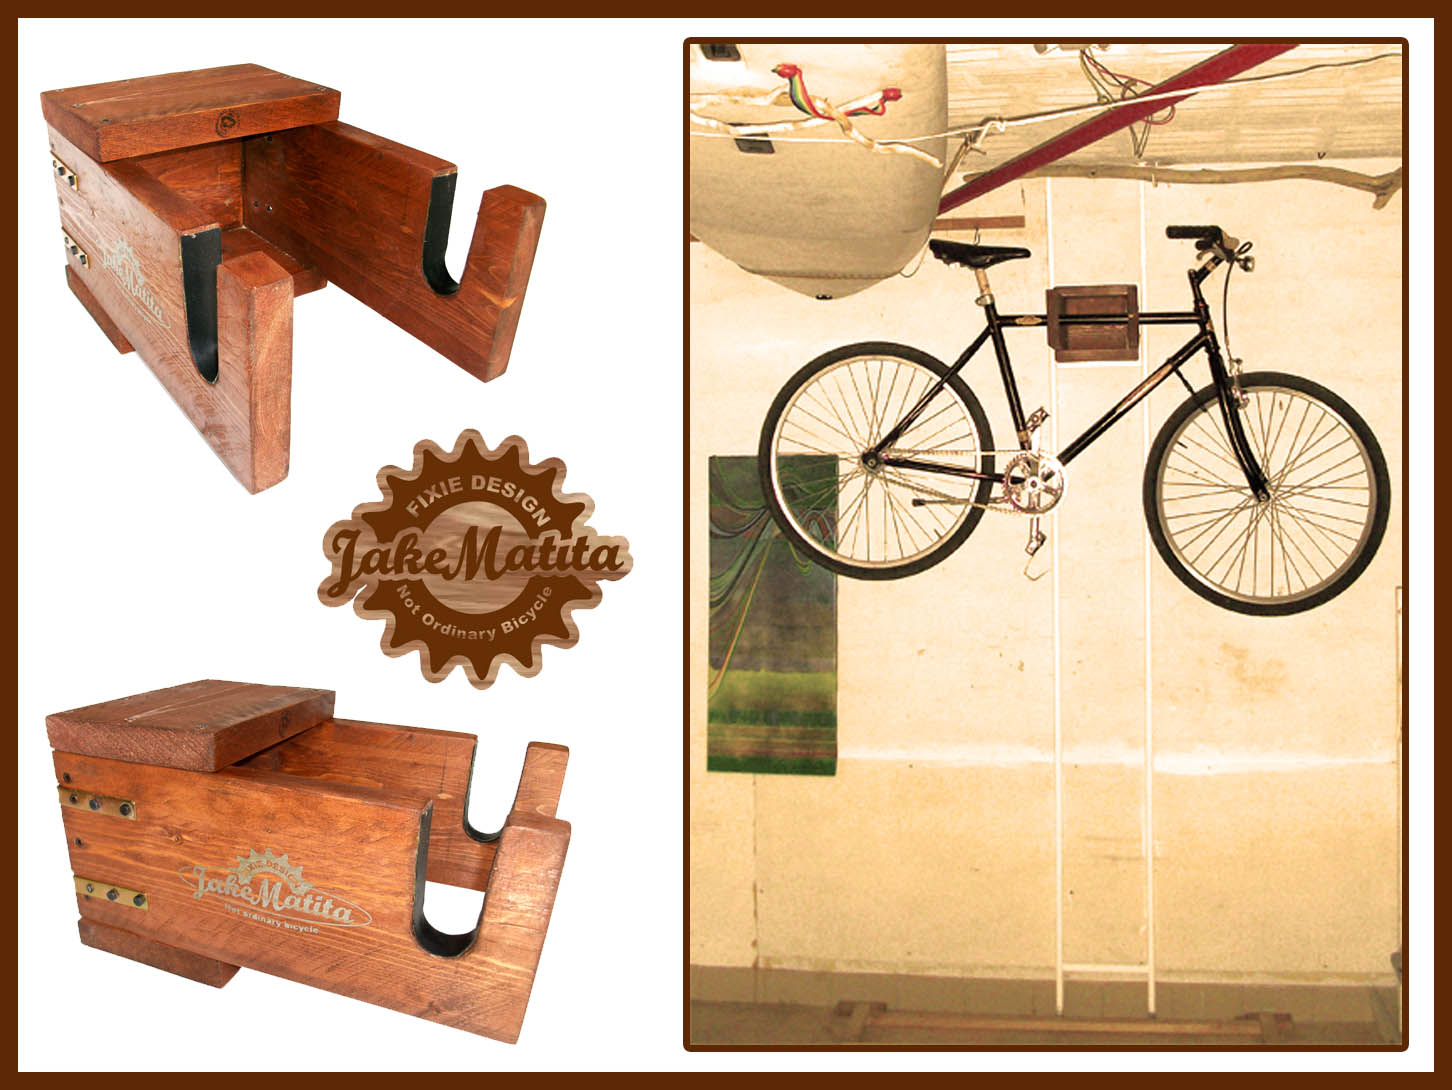 Fixielevate appendi bici salvaspazio jake matita lab - Portabici in legno ...